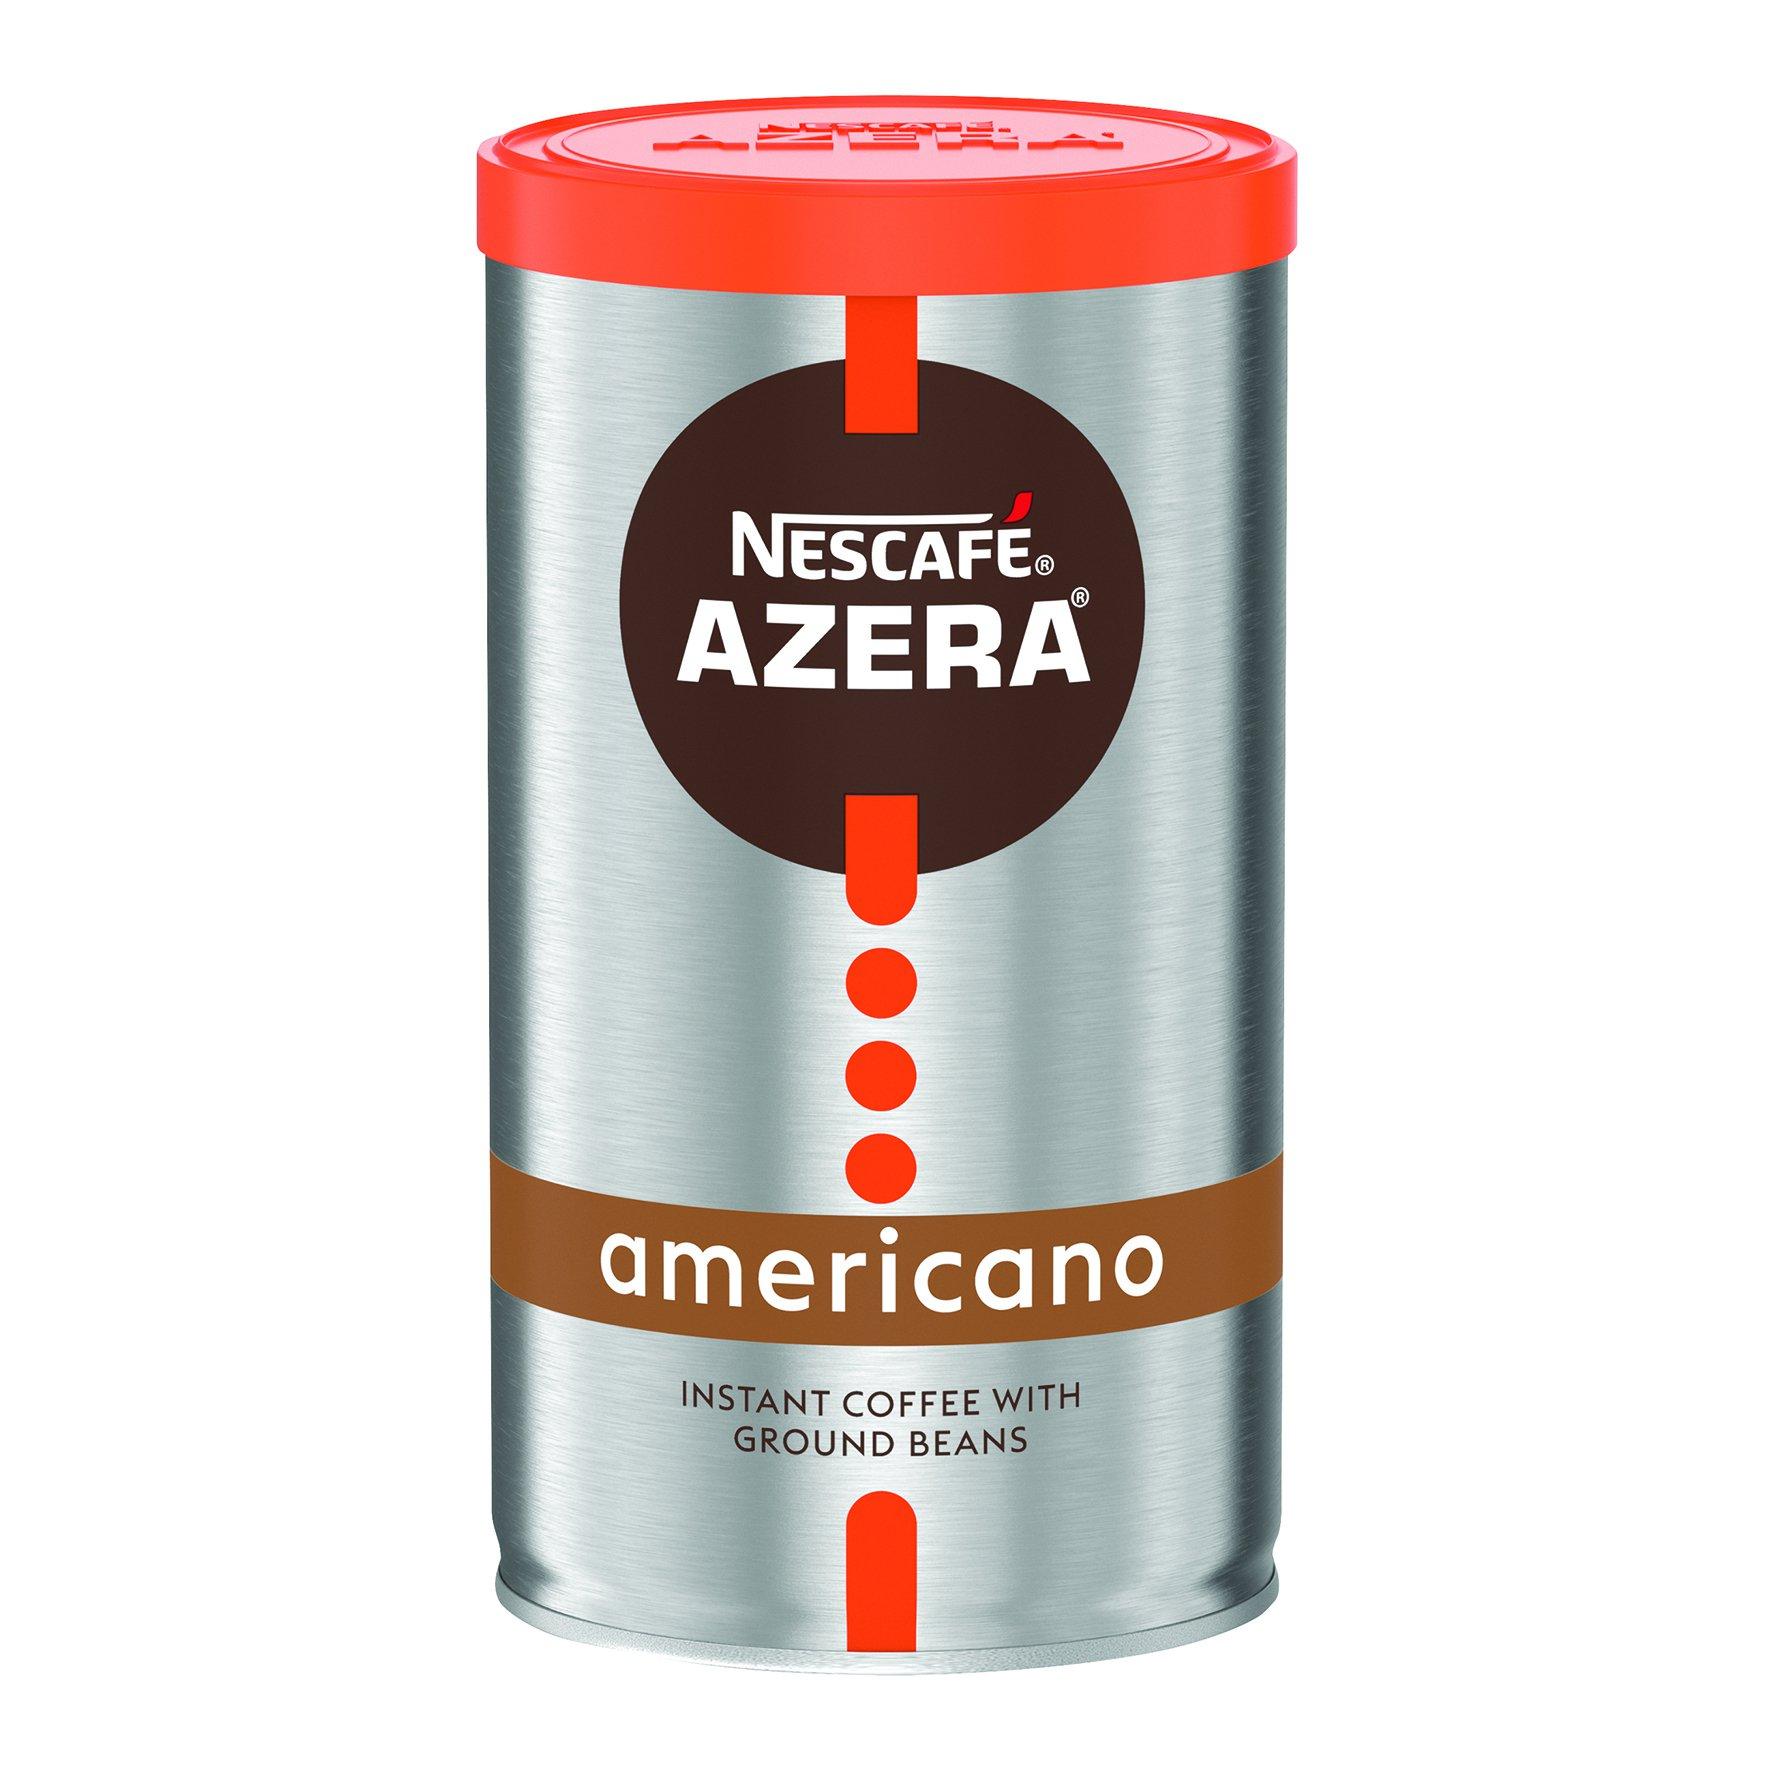 NESCAFE Azera Americano Barista Style Coffee 100g